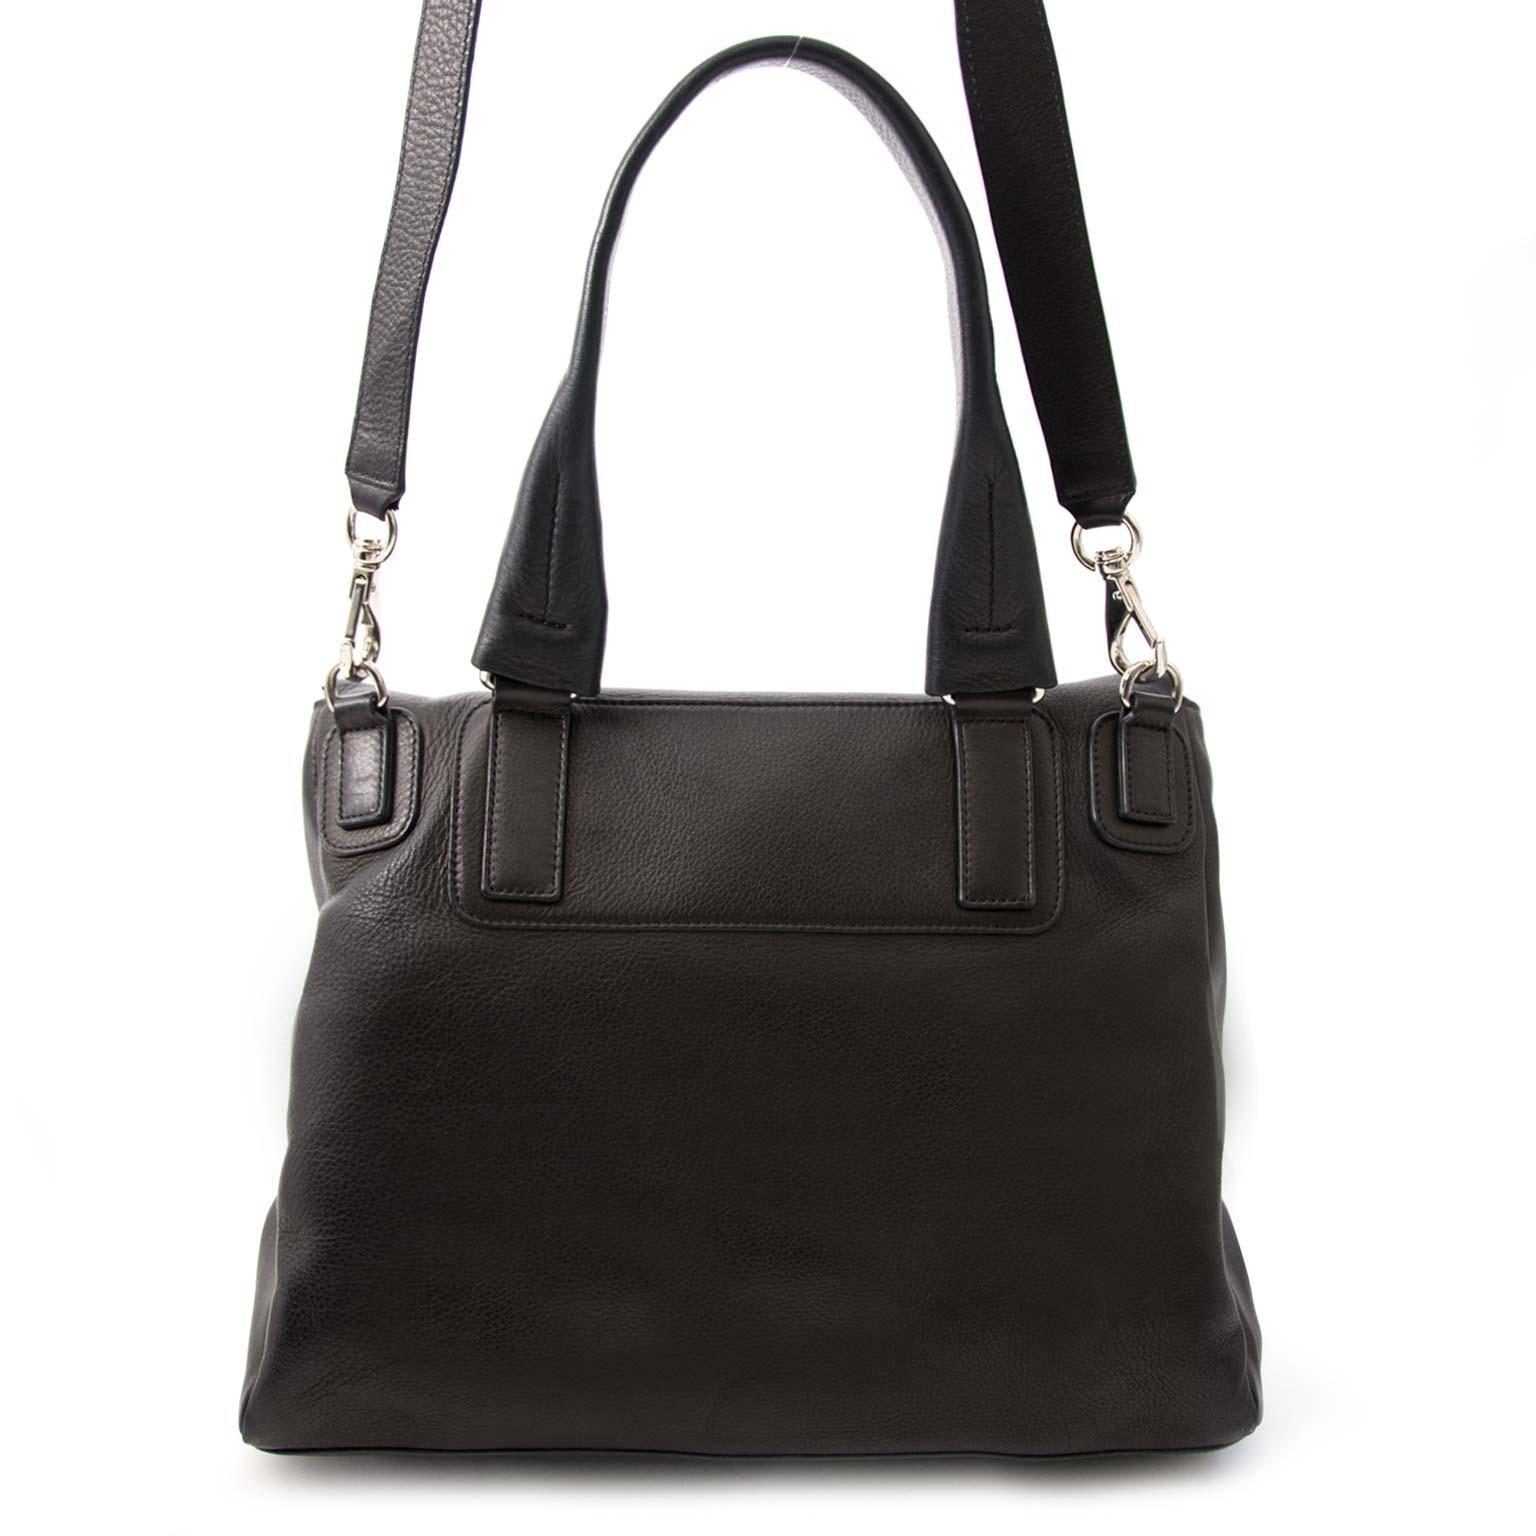 koop veilig online aan de beste prijs Givenchy Black Pandora Flap Bag